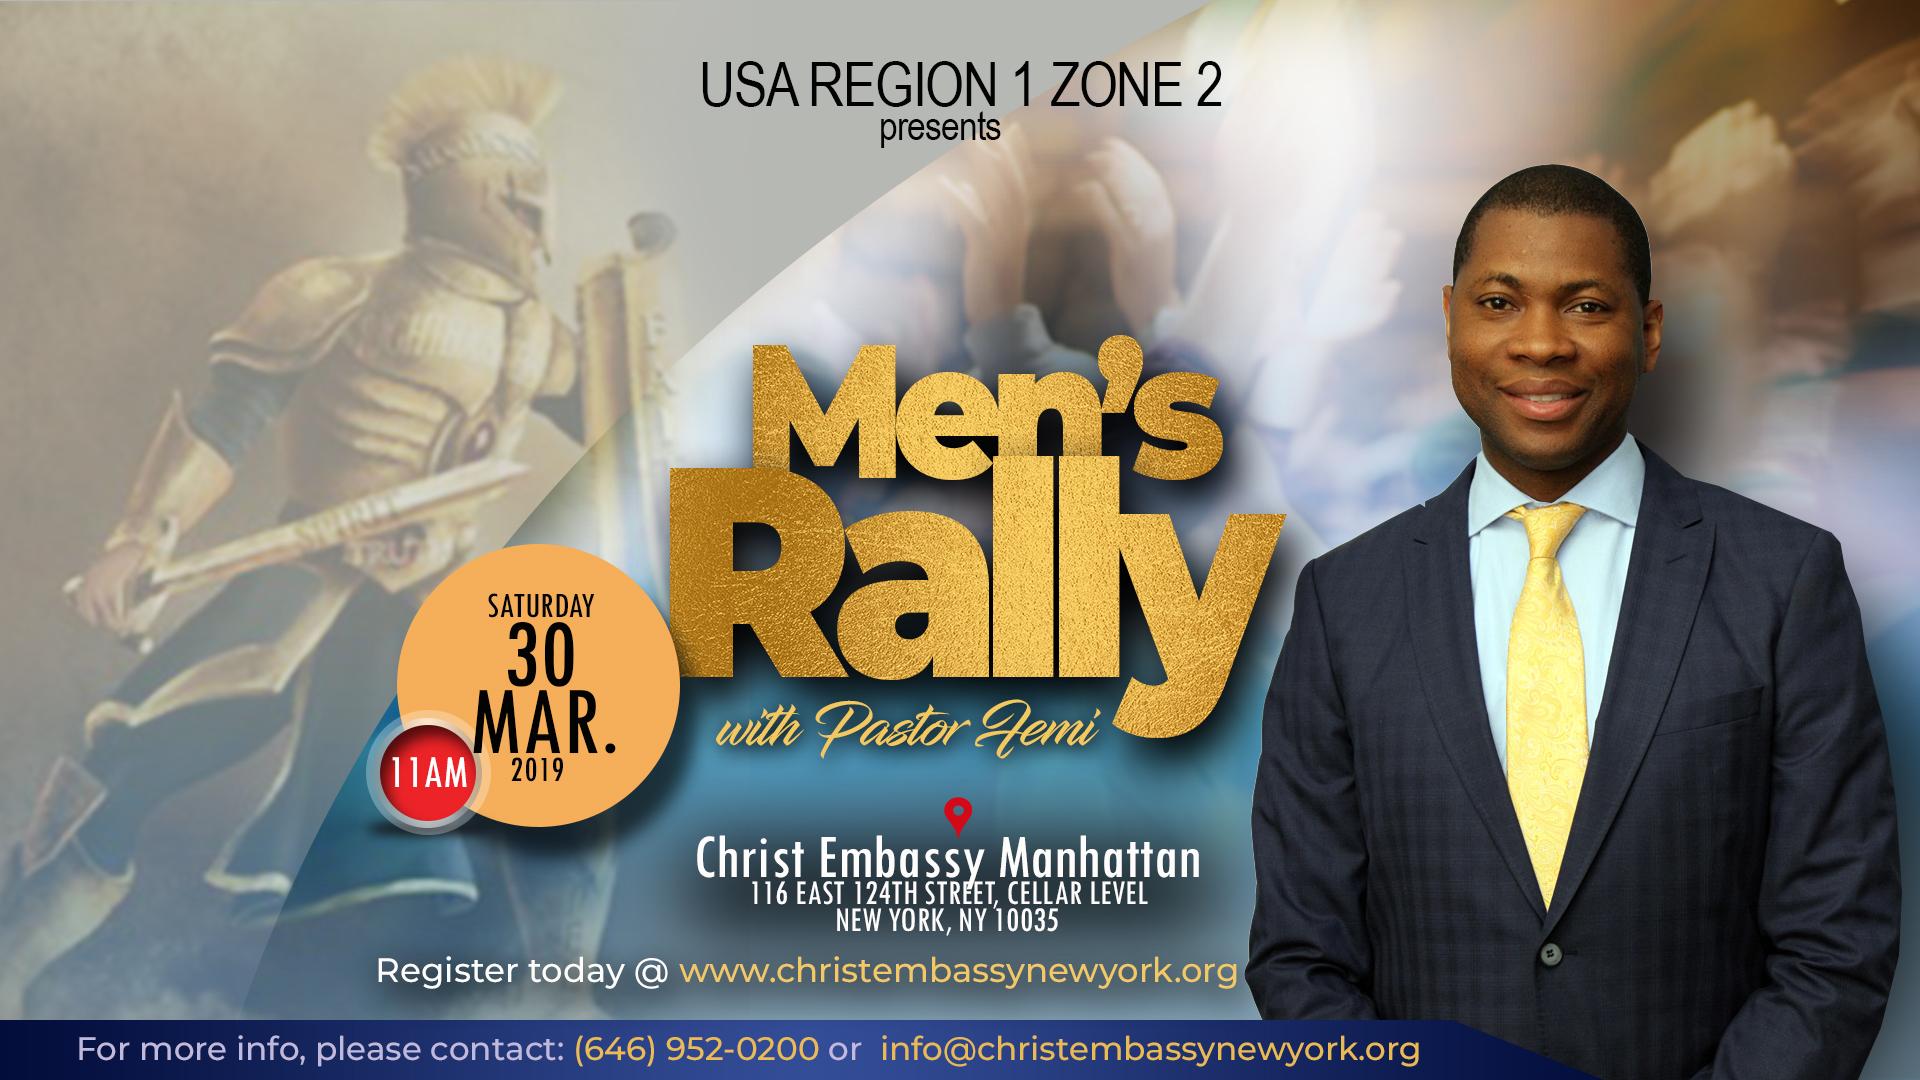 USA Region 1 Virtual Zone 2 avatar picture